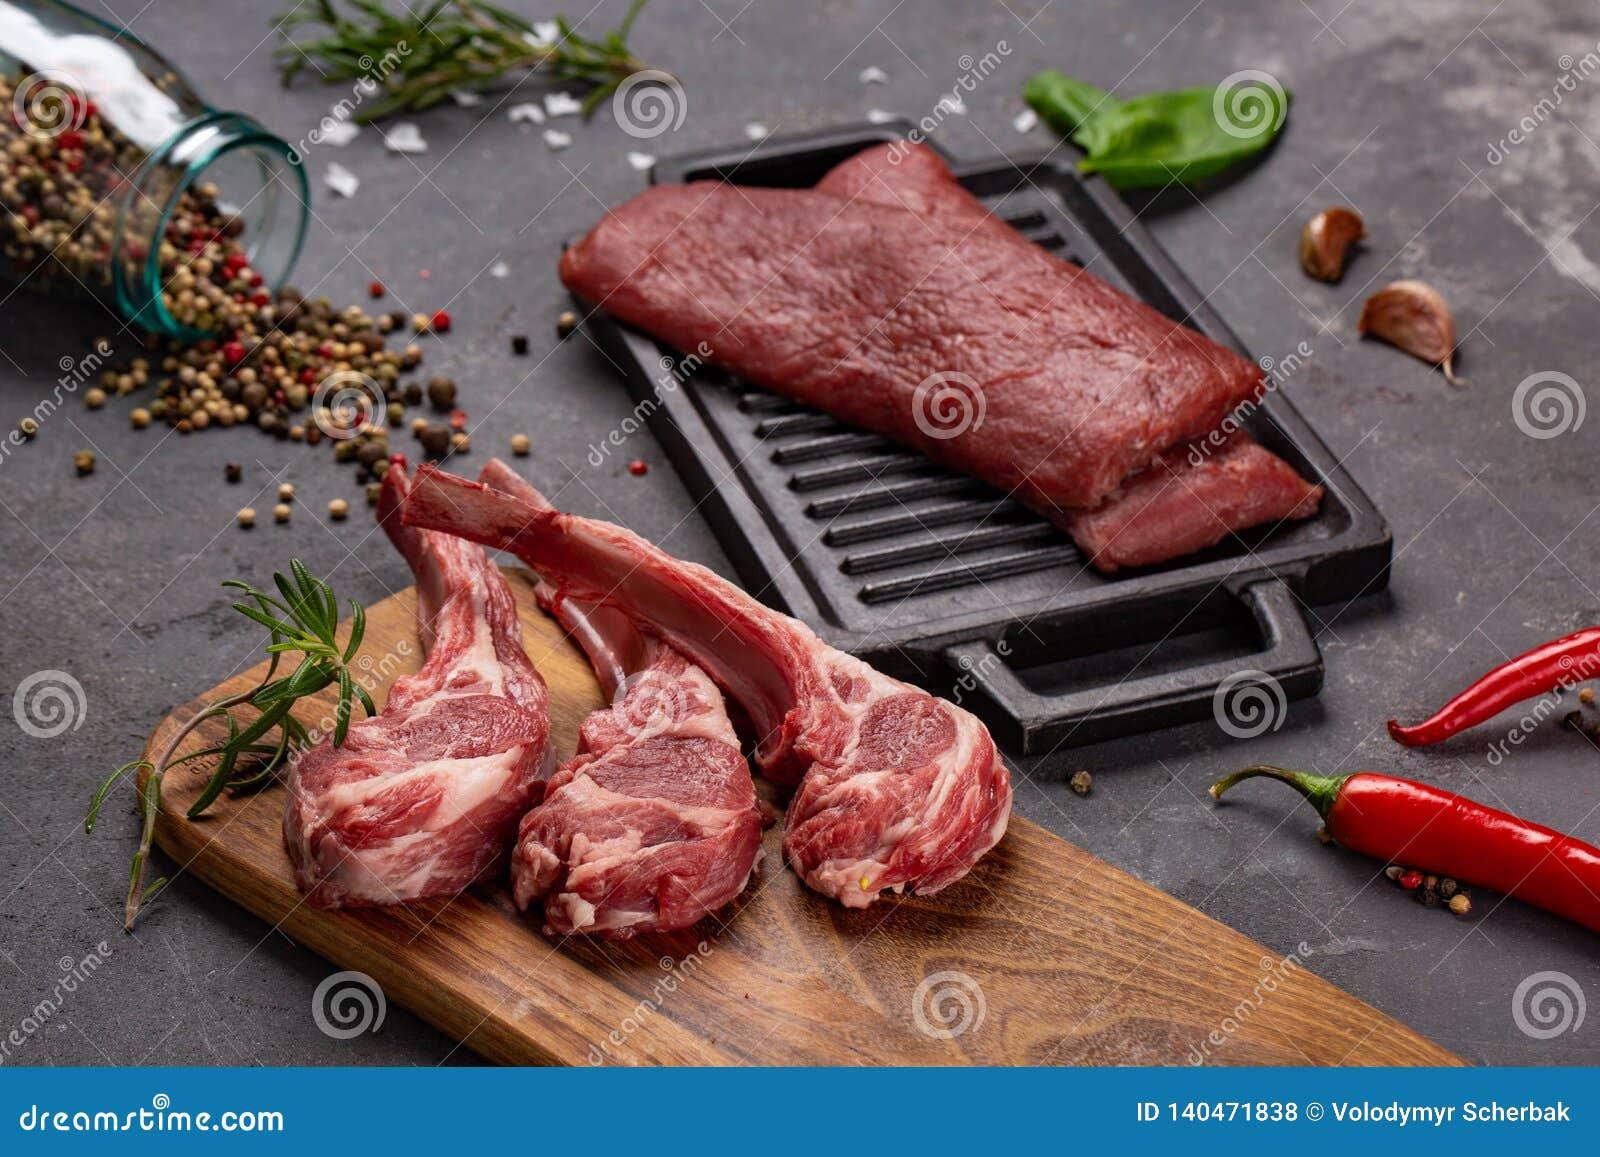 Ακατέργαστο φρέσκο πρόβειο κρέας κρέατος στα καρυκεύματα Chesno και Rosemary κόκκαλων σε ένα μαύρο υπόβαθρο